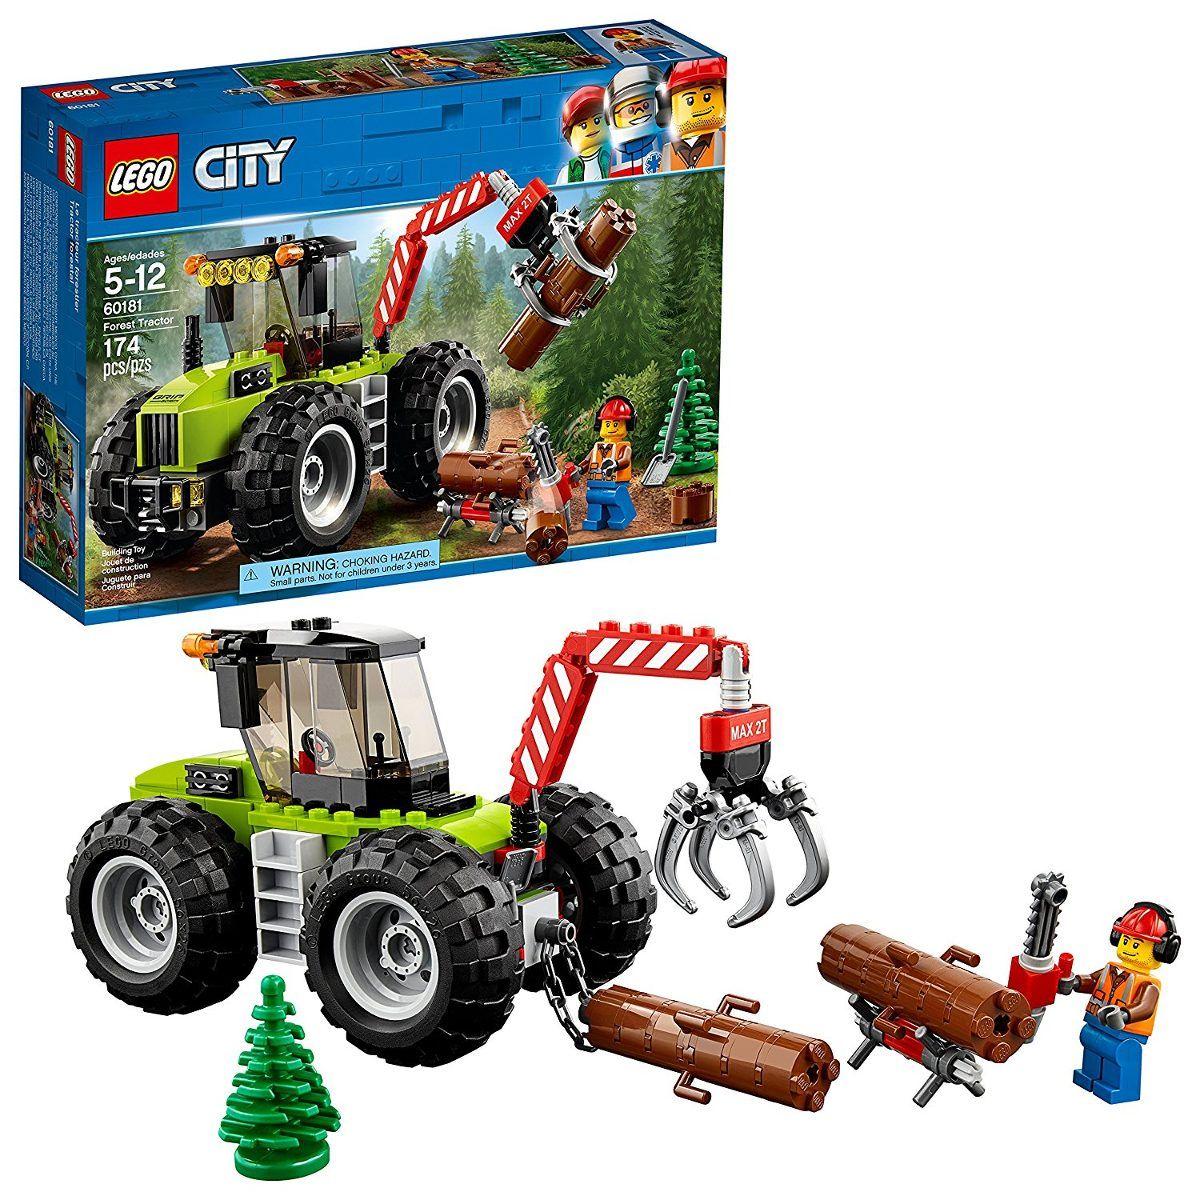 Lego 60181 City  Trator Florestal 174 peças  - Doce Diversão